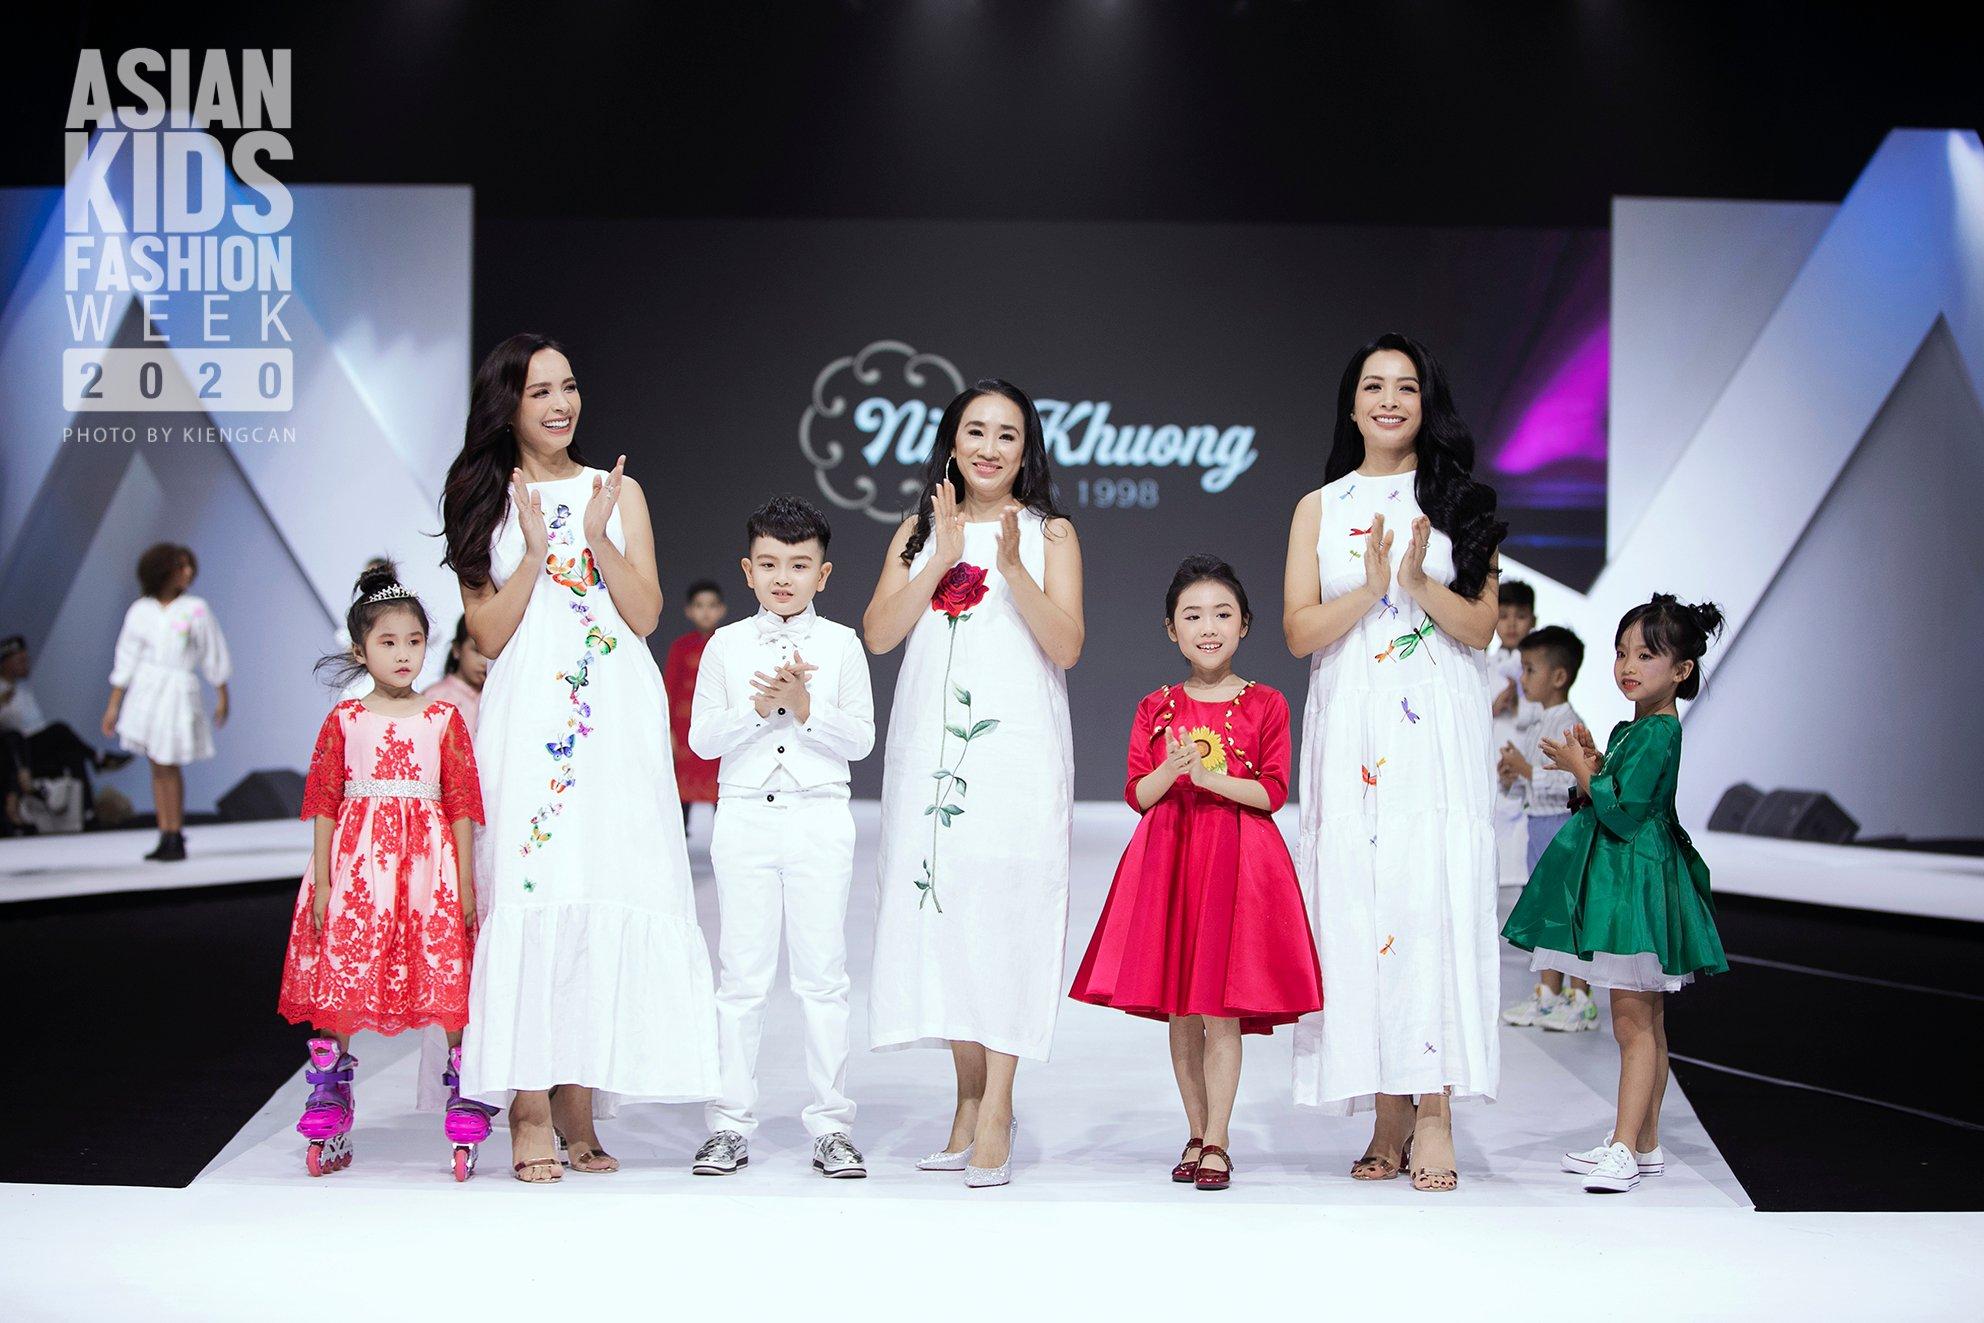 Asian Kids Fashion Week 2020', khởi động bữa tiệc thời trang đầy màu sắc